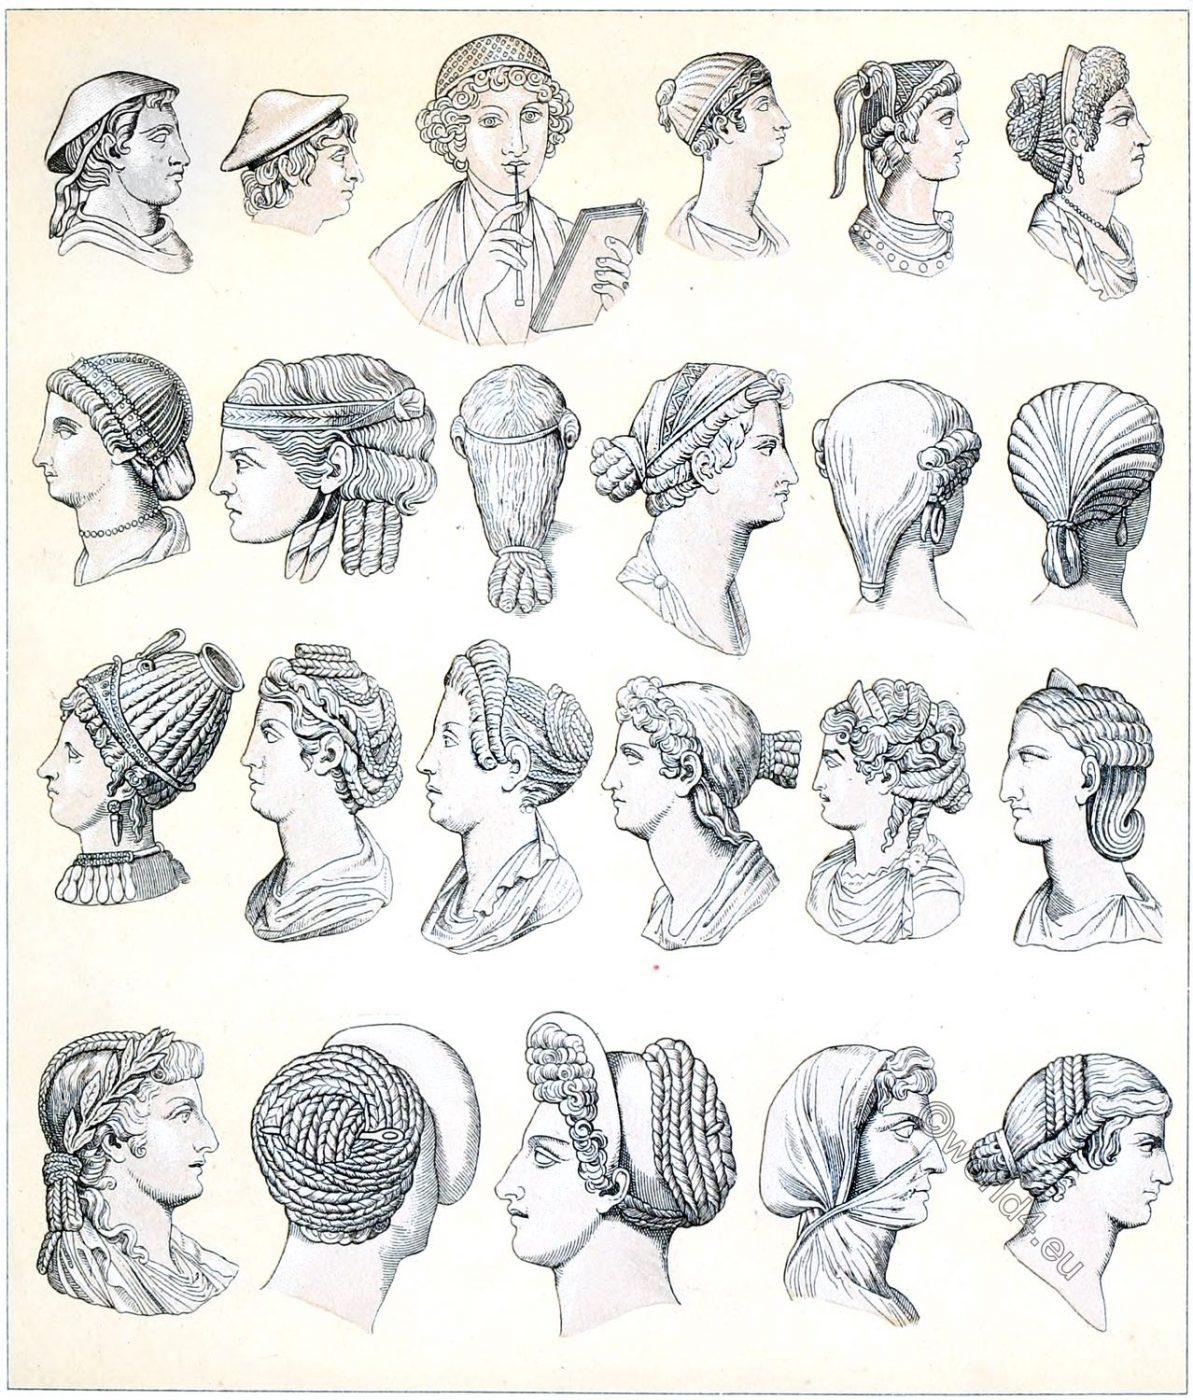 Roman, headgear, hair, antiquity